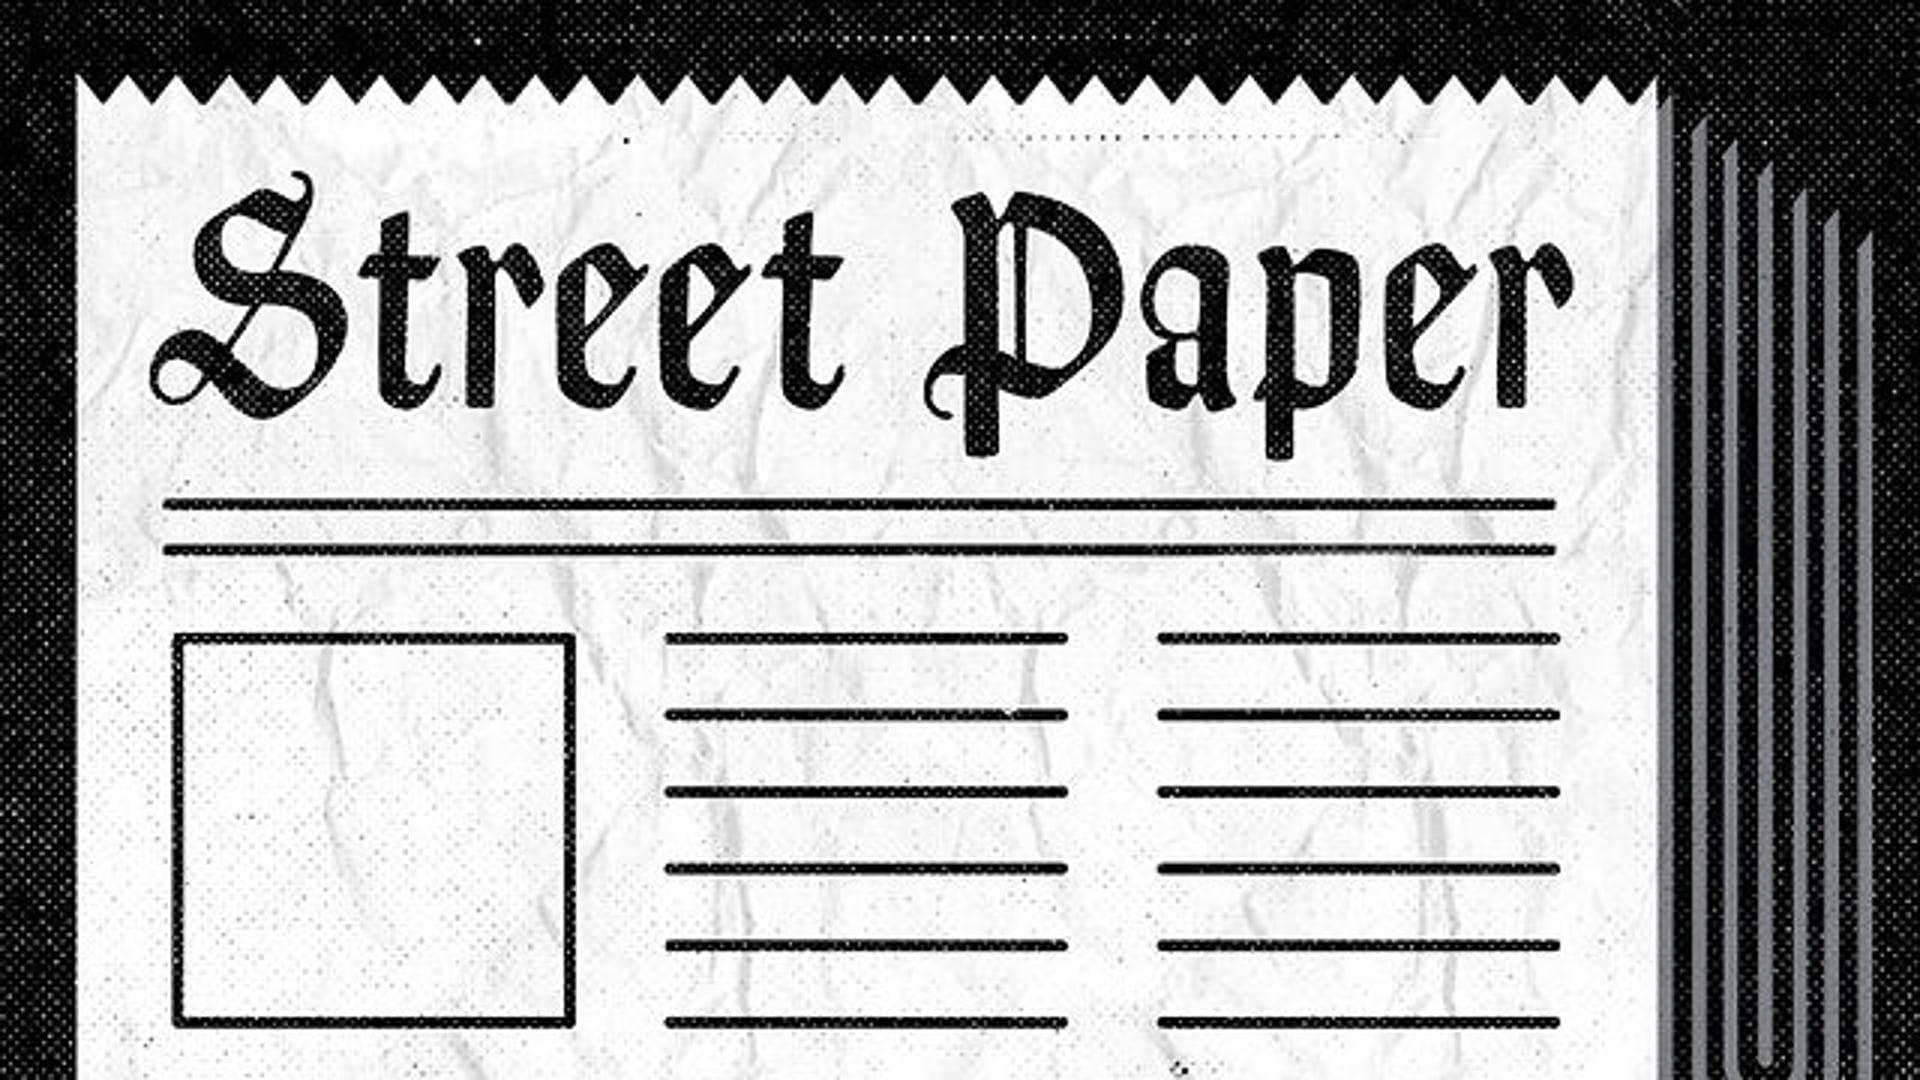 Street Paper Documentary Trailer